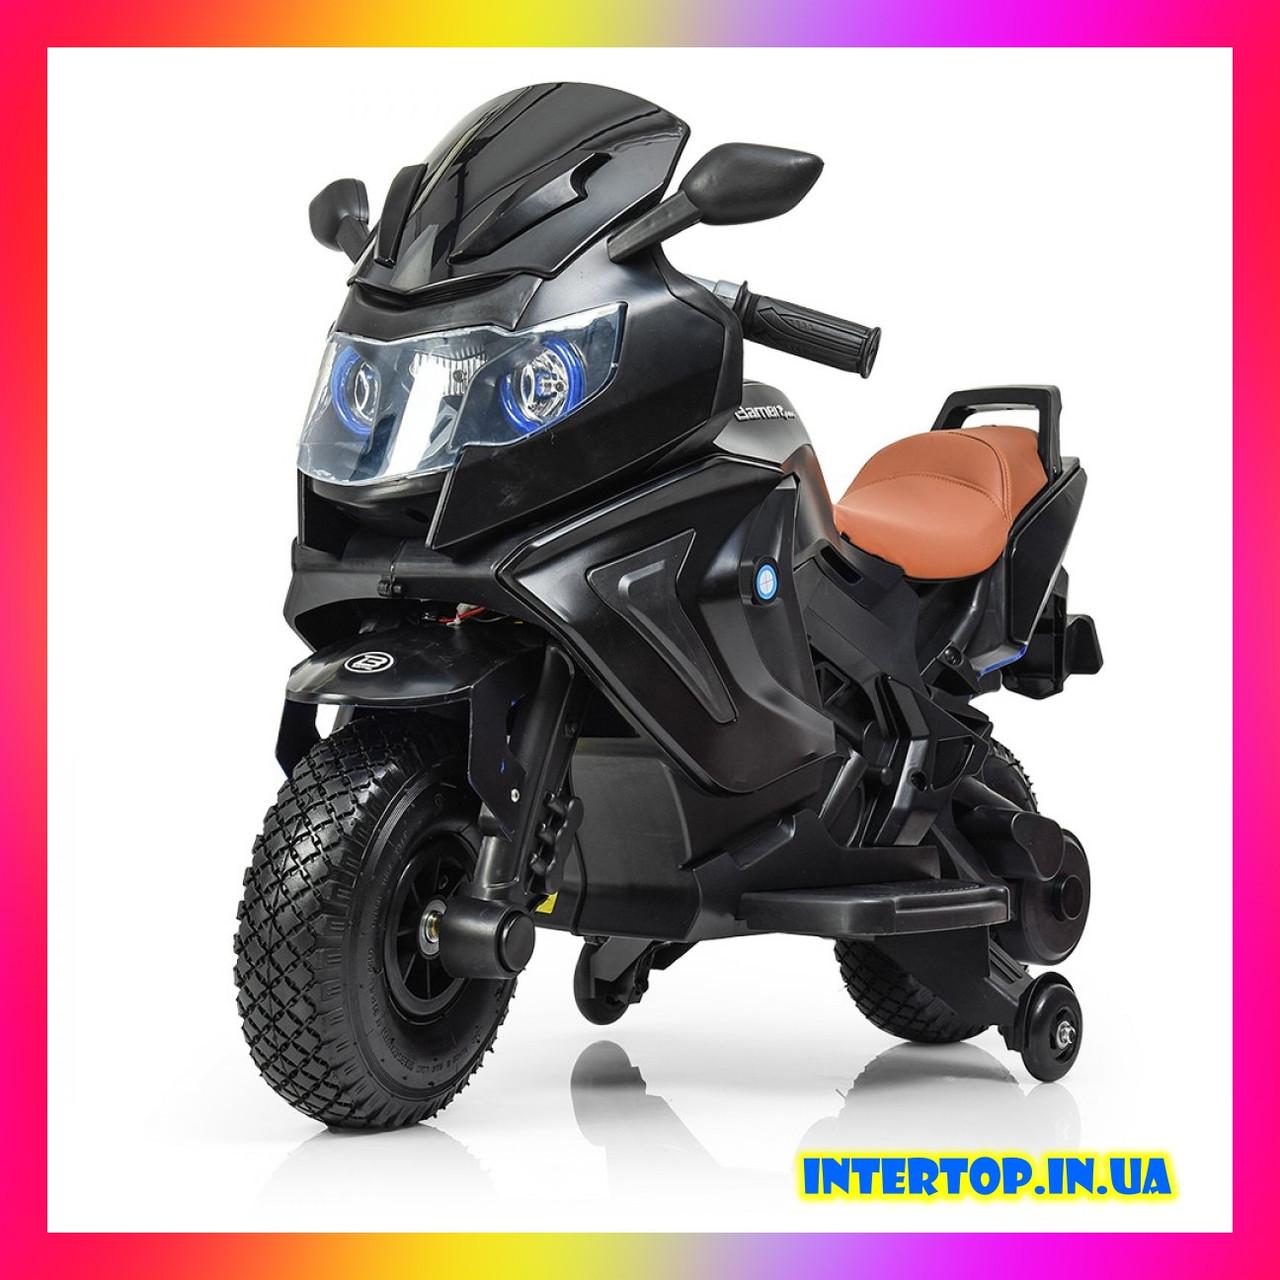 Детский электромотоцикл BMW на аккумуляторе с с резиновыми надувными колесами M 3681 ALS-2 черный автопокраска